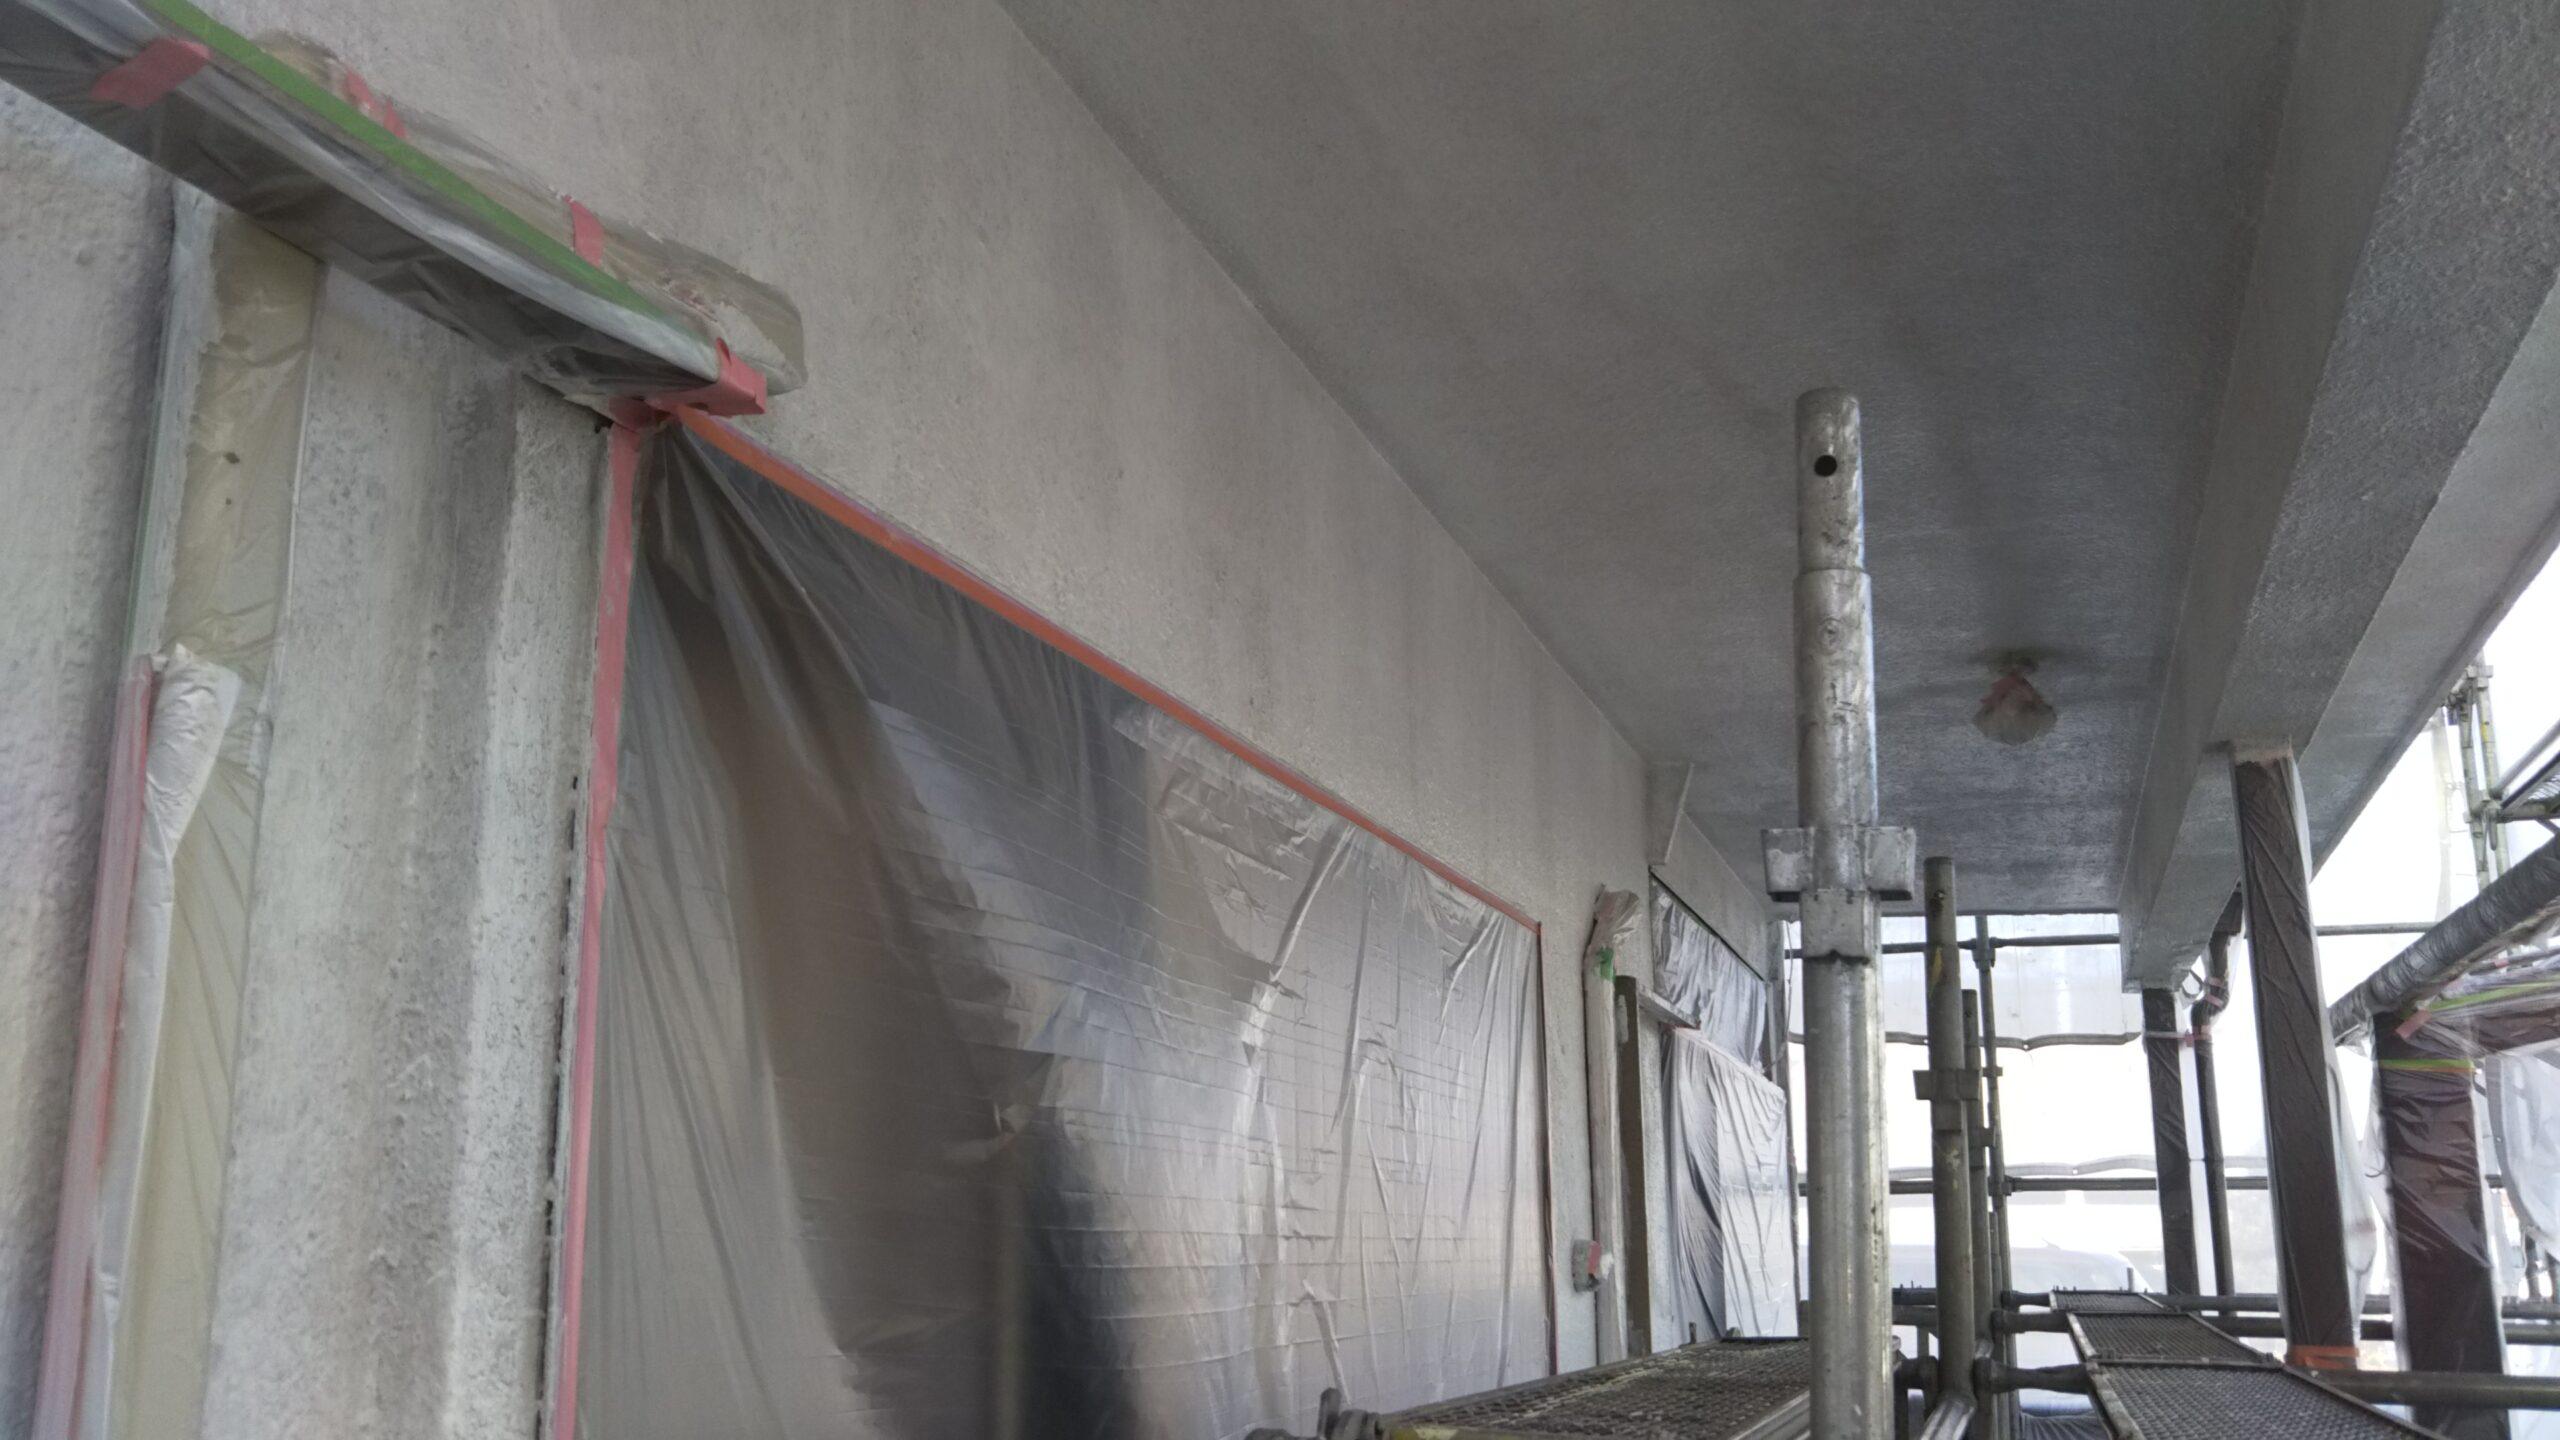 埼玉県さいたま市岩槻区のN様邸(木造2階建て)にて軒樋・外壁の塗装工事